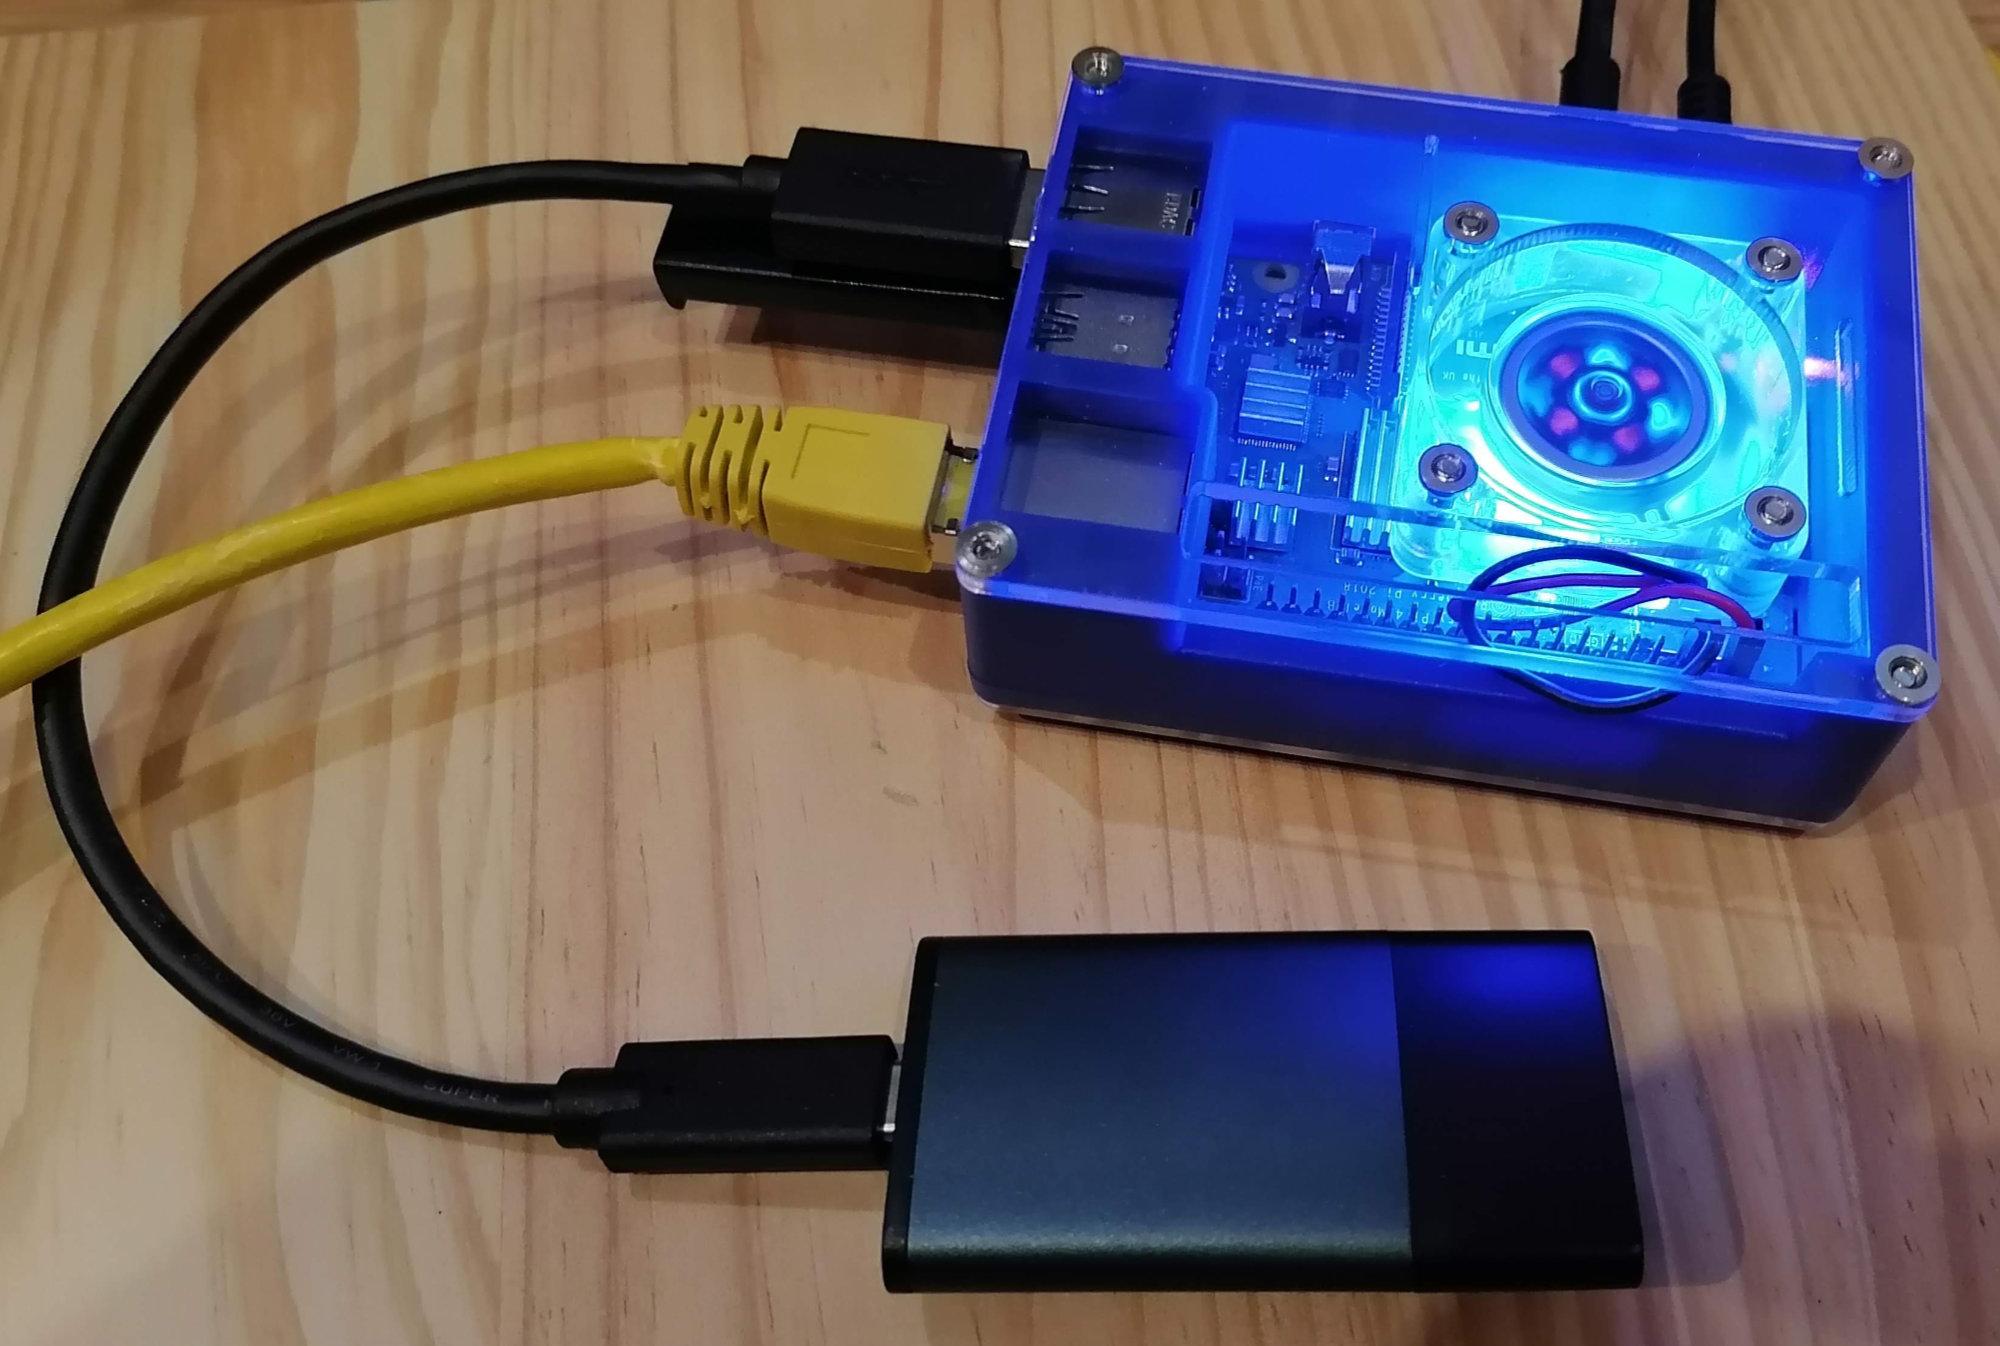 Booter un Raspberry Pi 4 sur un disque dur / SSD connecté en USB